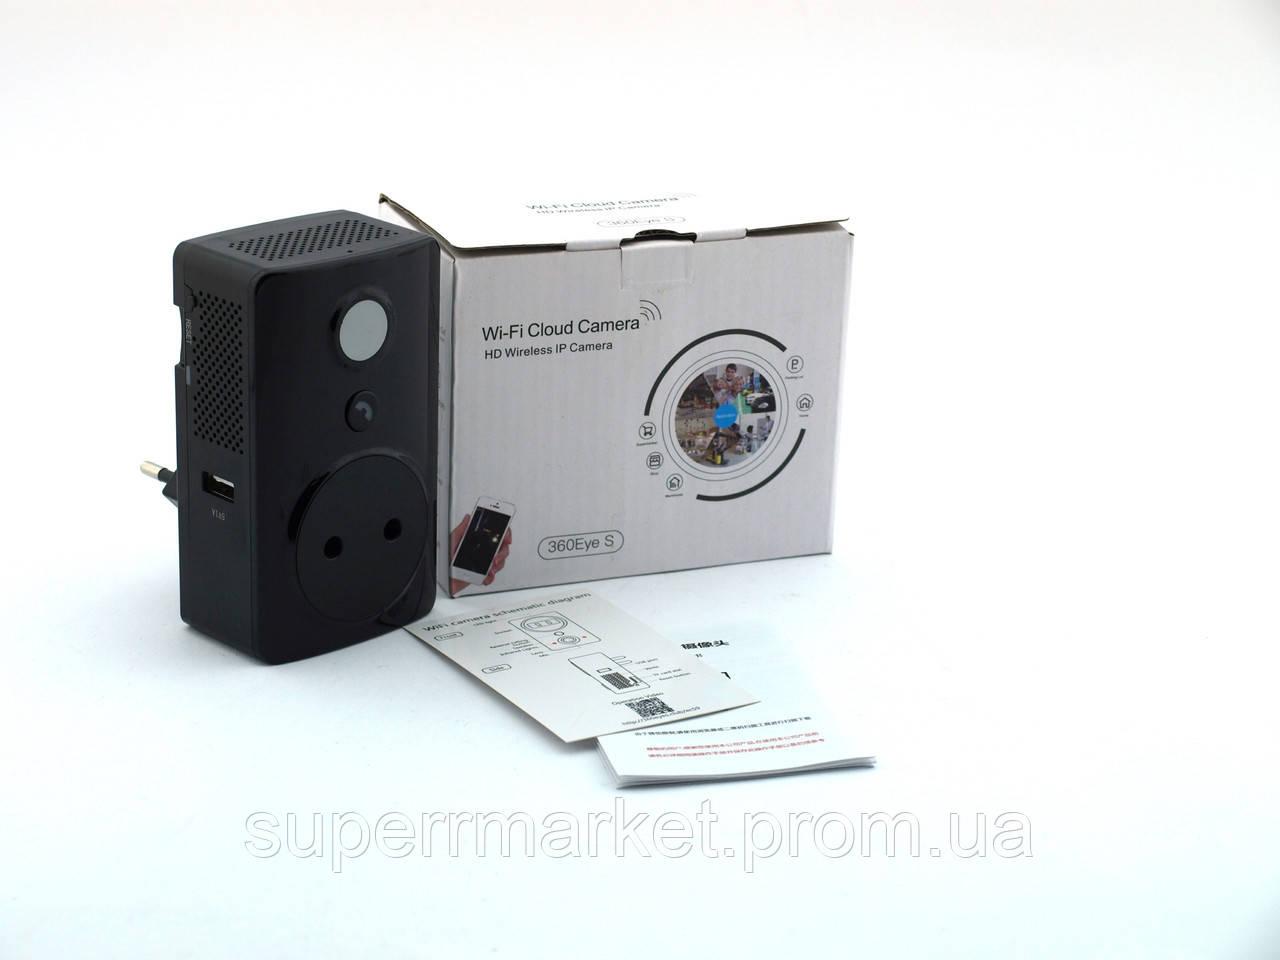 EC59F-S11 Wi-fi ip P2P незаметная камера наблюдения и охраны 360eyes